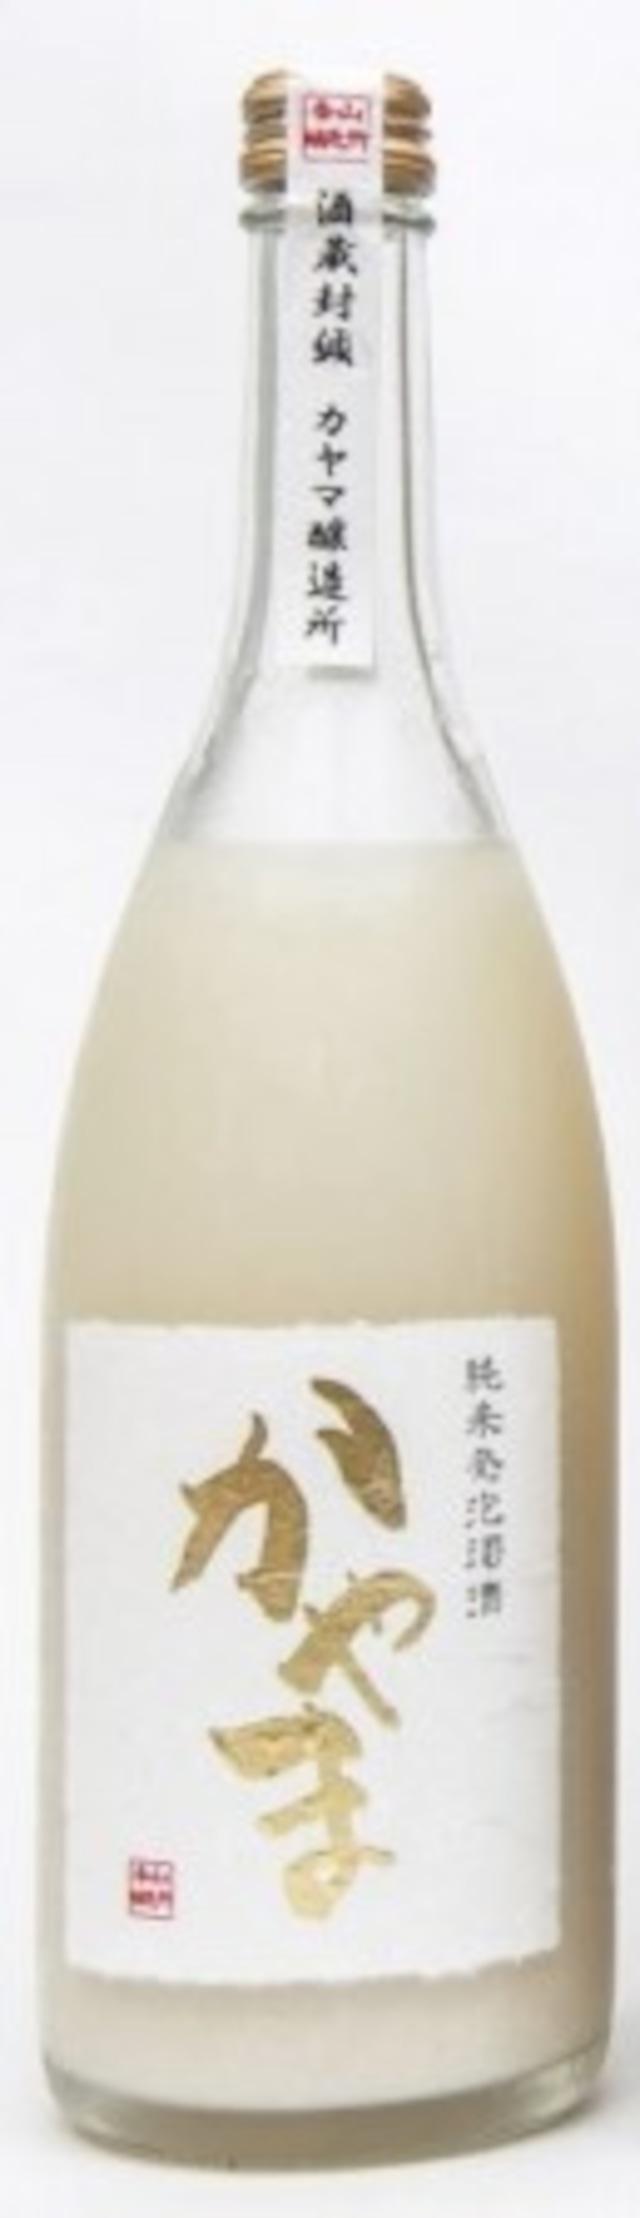 【10月末まで送料無料】純米発泡濁酒かやま(通常梱包)1本~